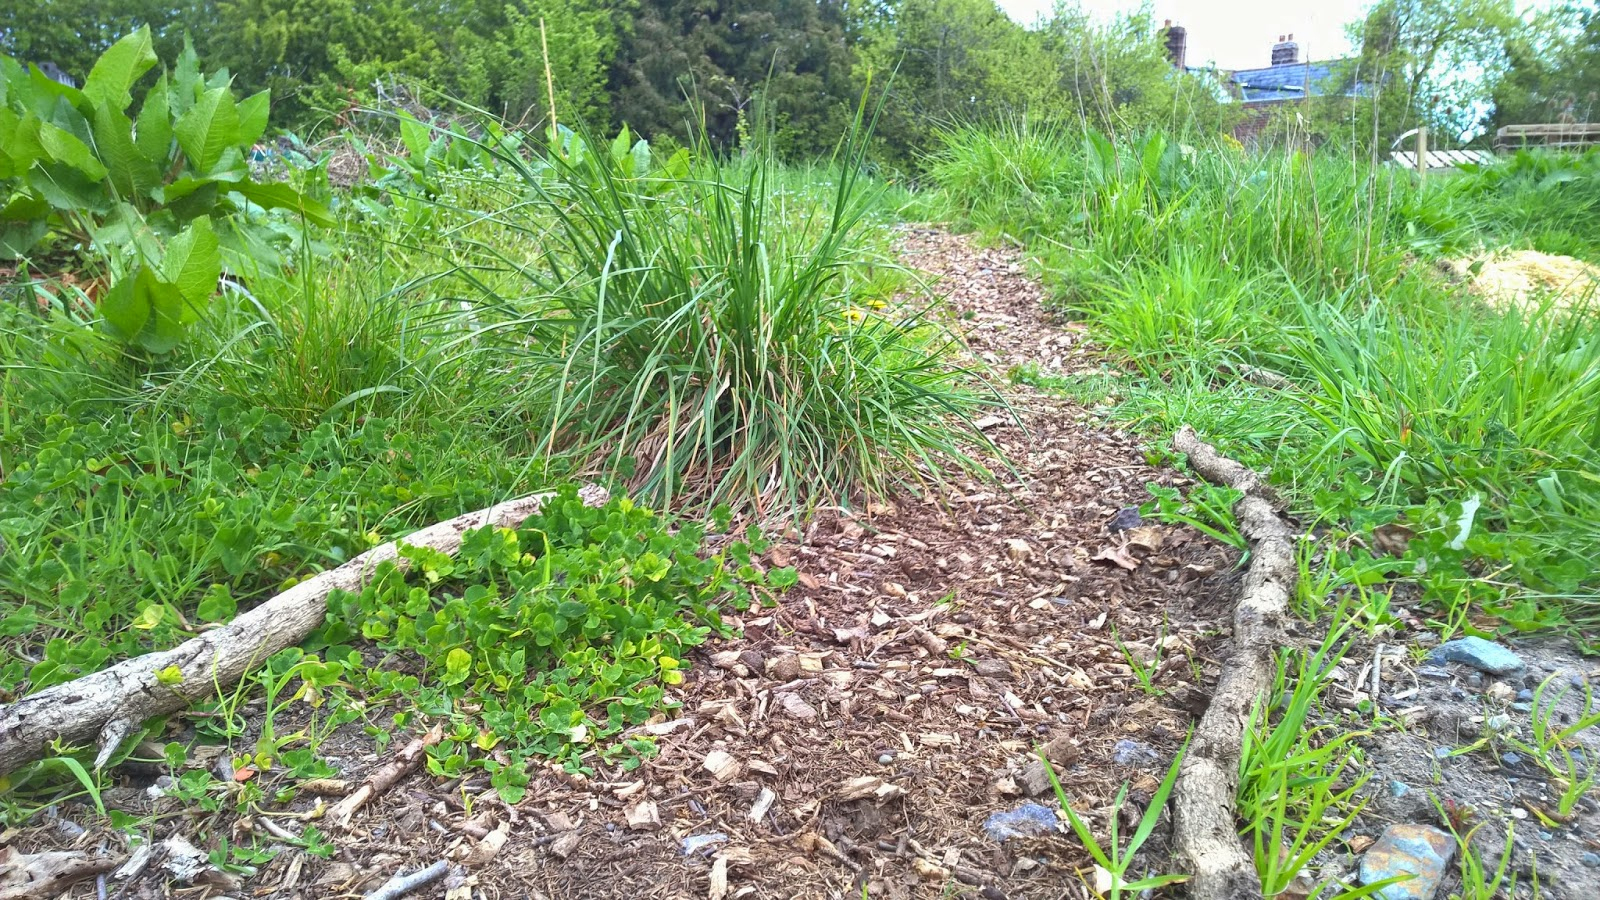 Le Jardin Potager Se Prépare Dès Février ! dedans Semoir Jardin Potager